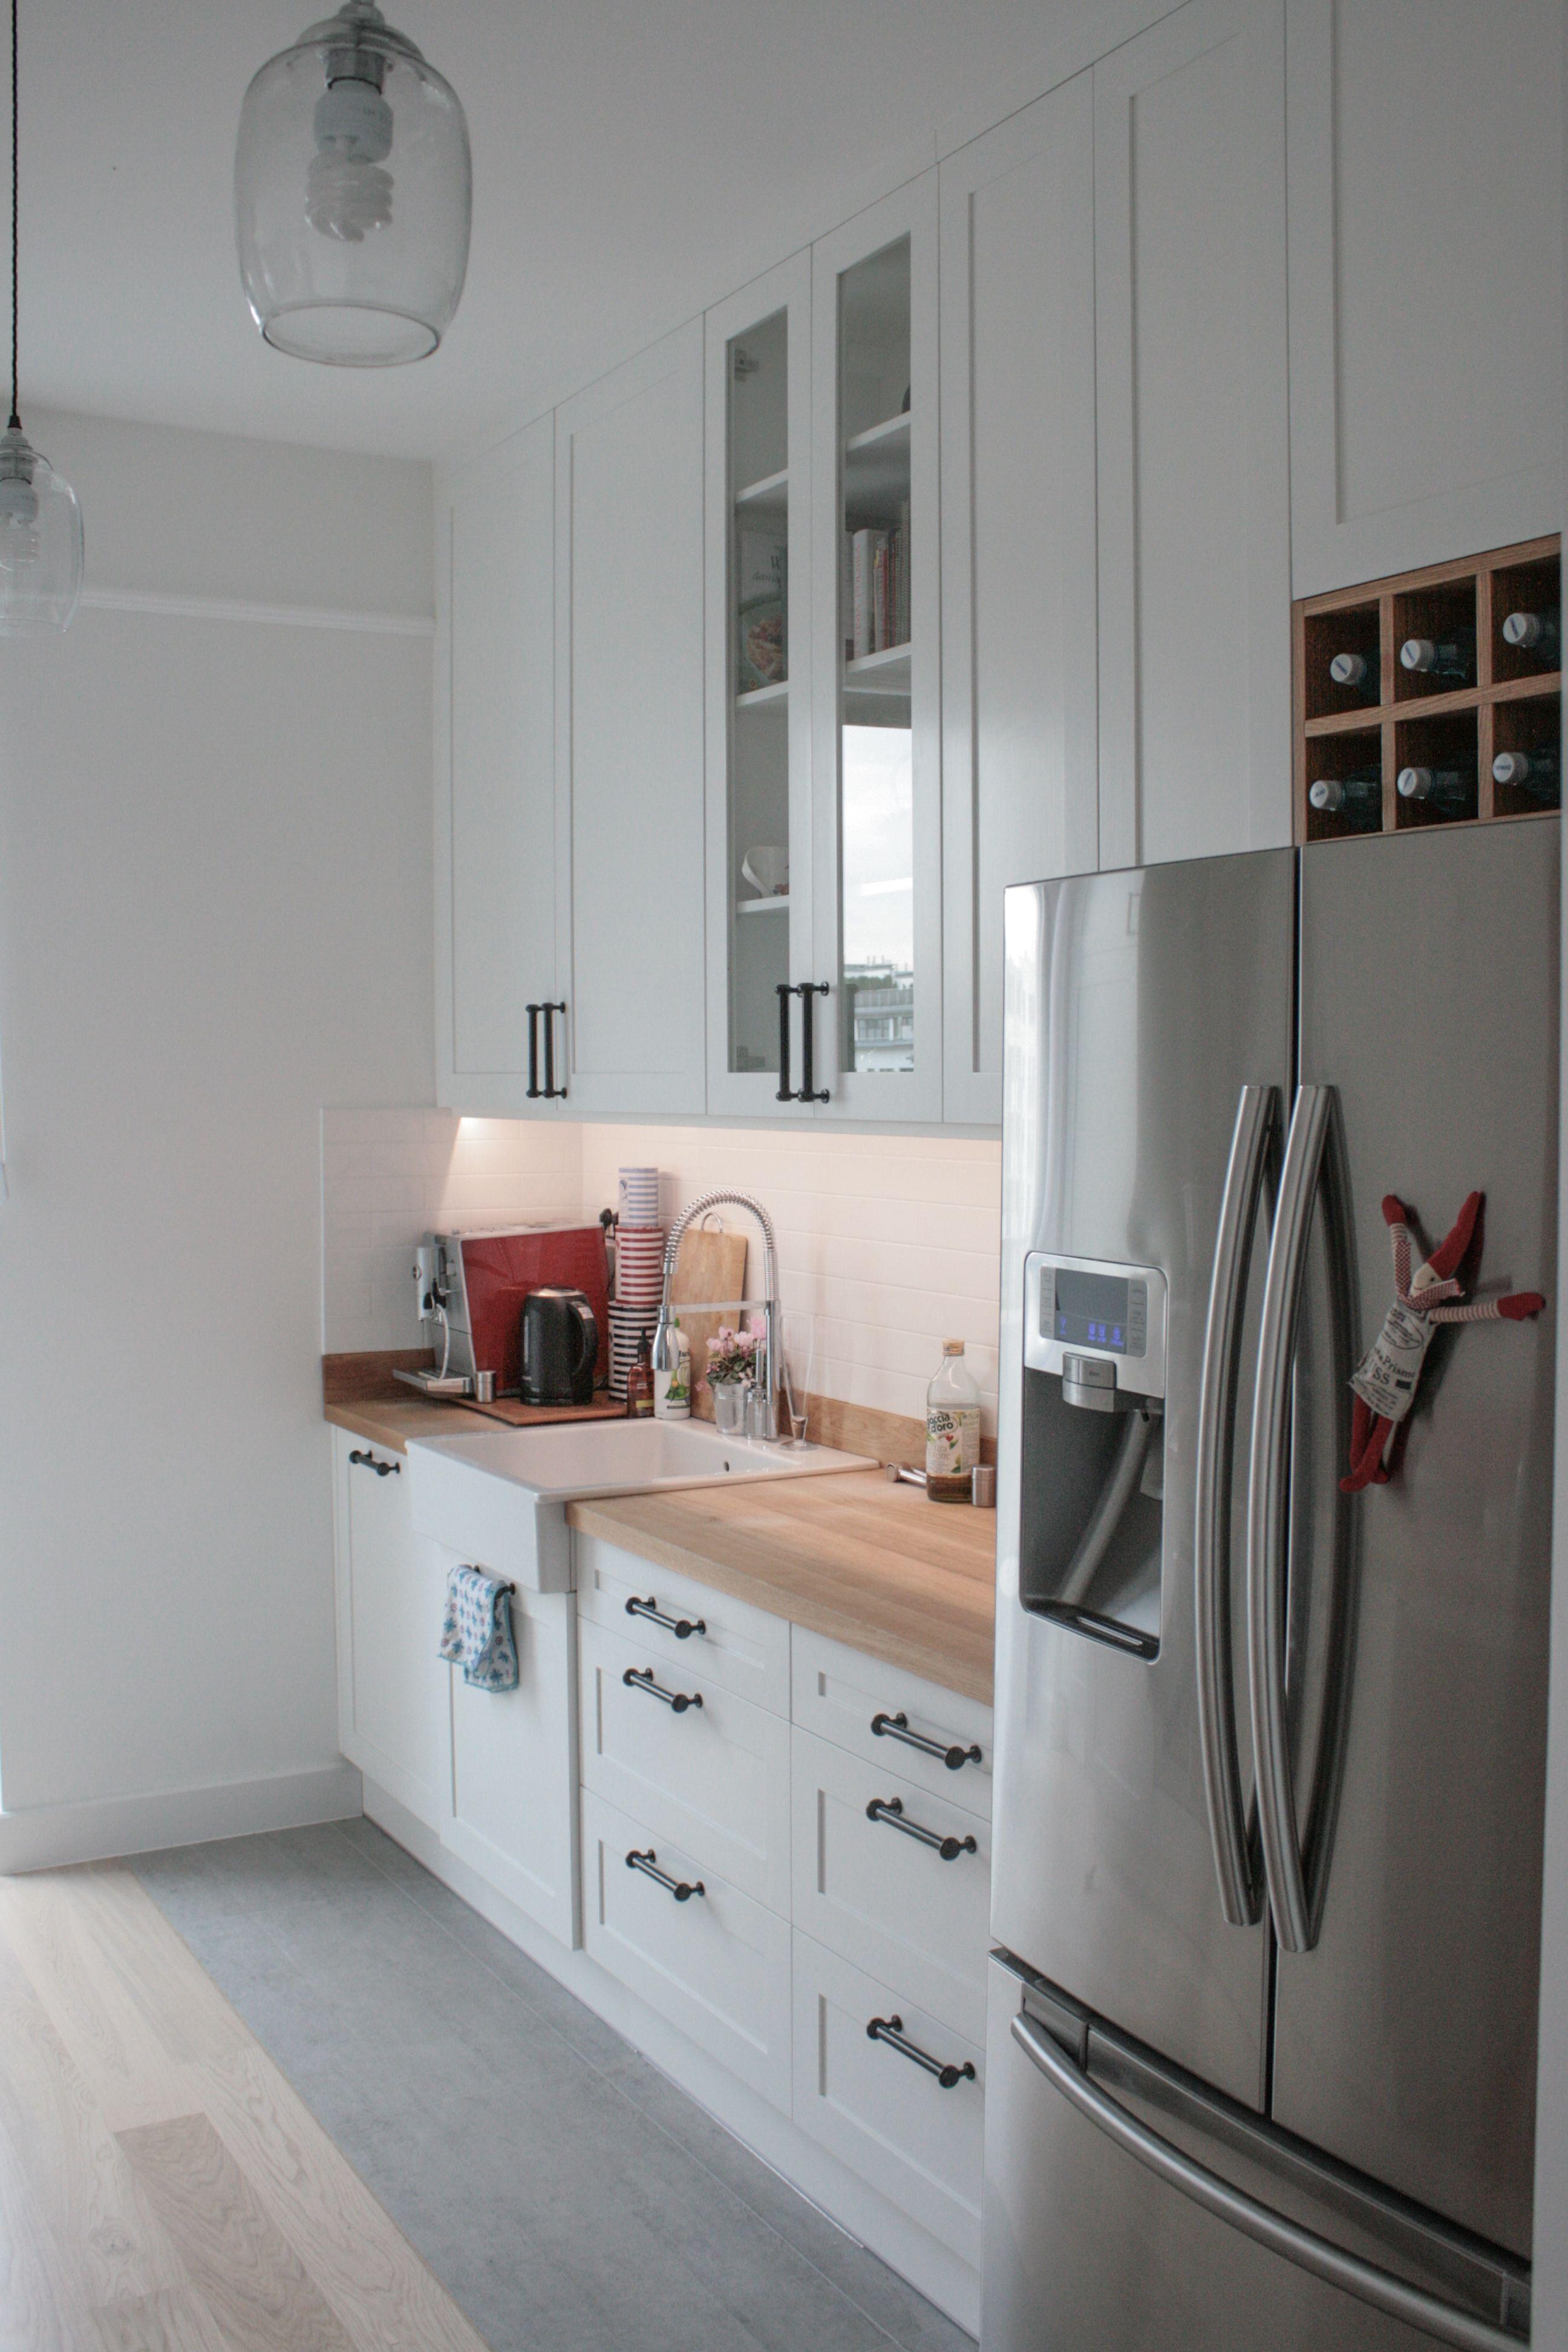 kuchnia w stylu skandynawskim, scandinavian kitchen